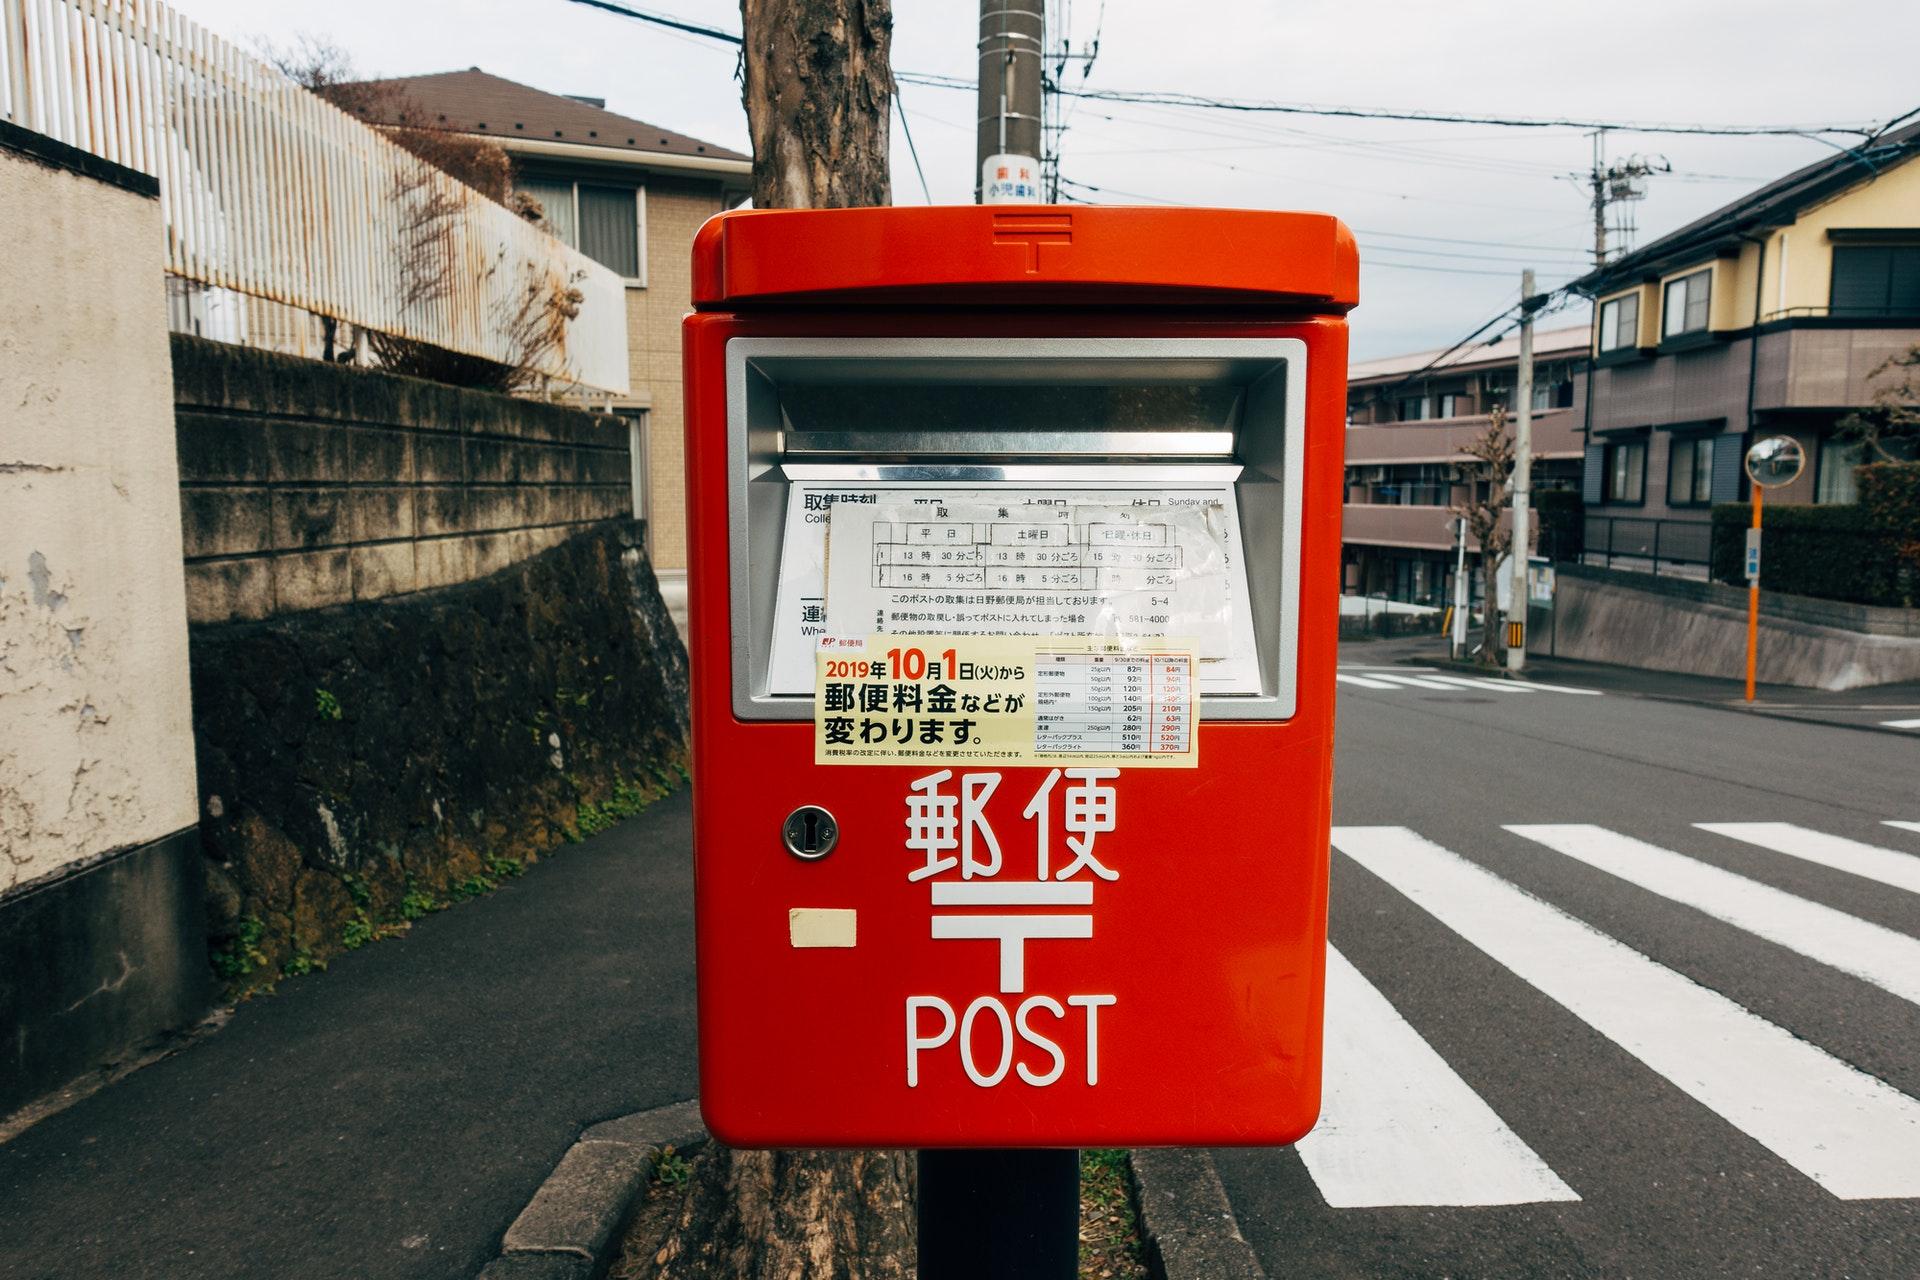 フォームで郵便番号を入力すると住所を自動補完してくれるWordPressプラグイン「zipaddr-jp」